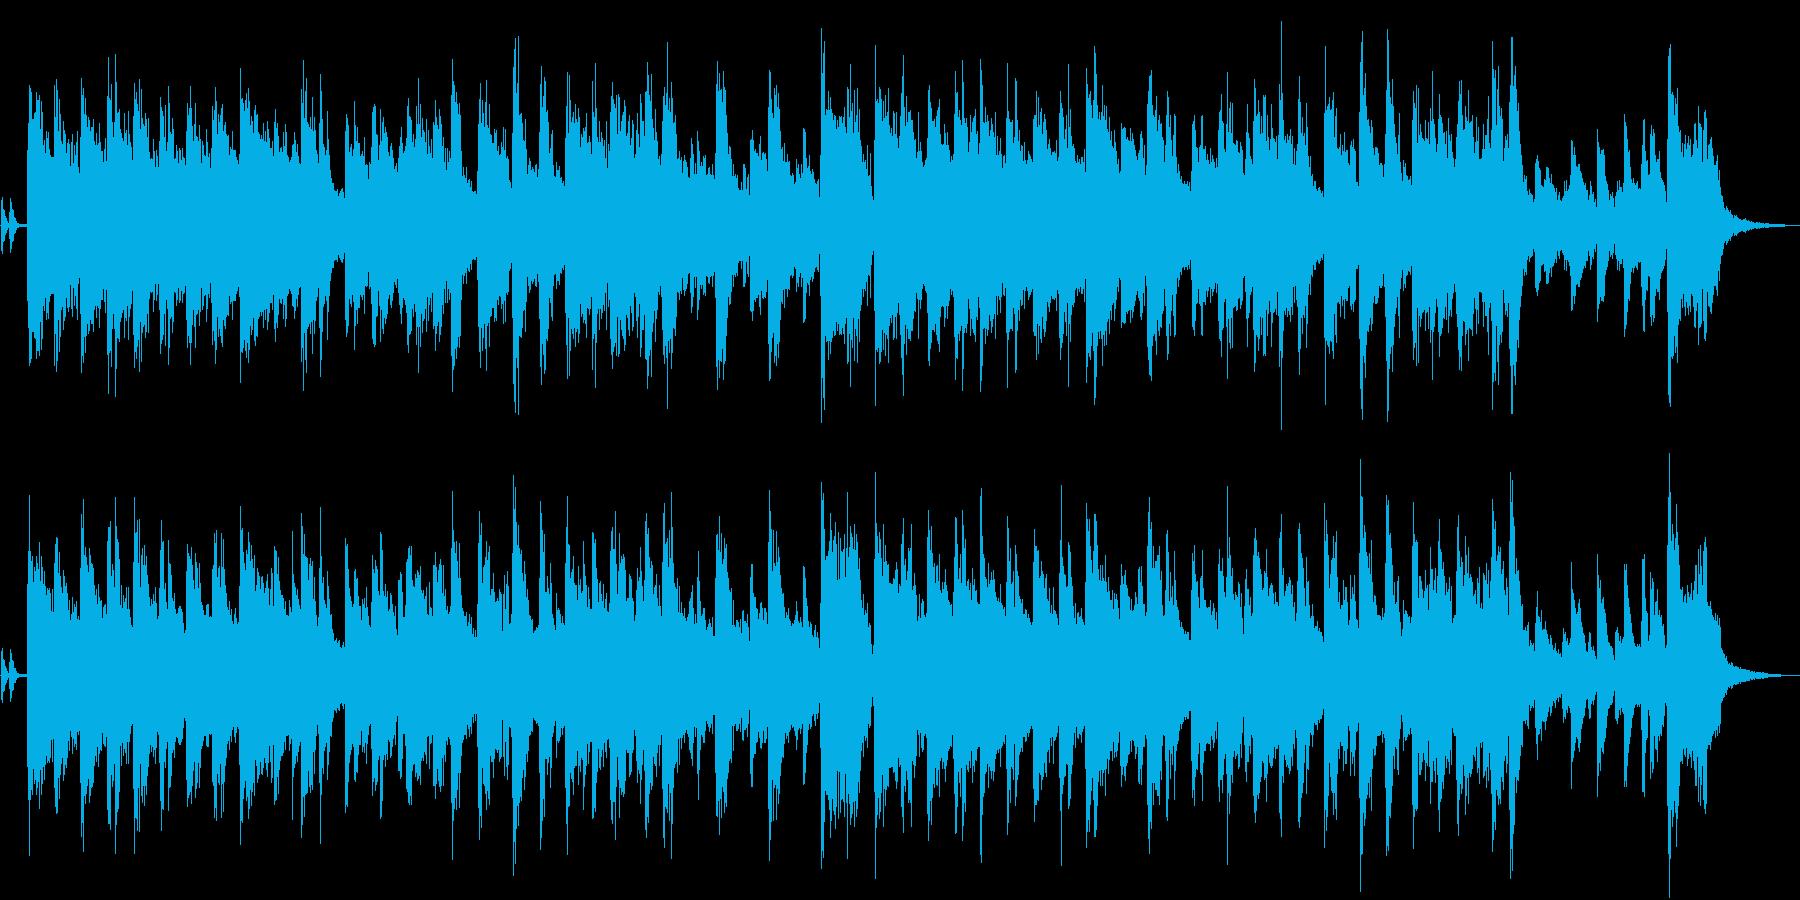 ハモンドオルガンが印象的なジャズジングルの再生済みの波形